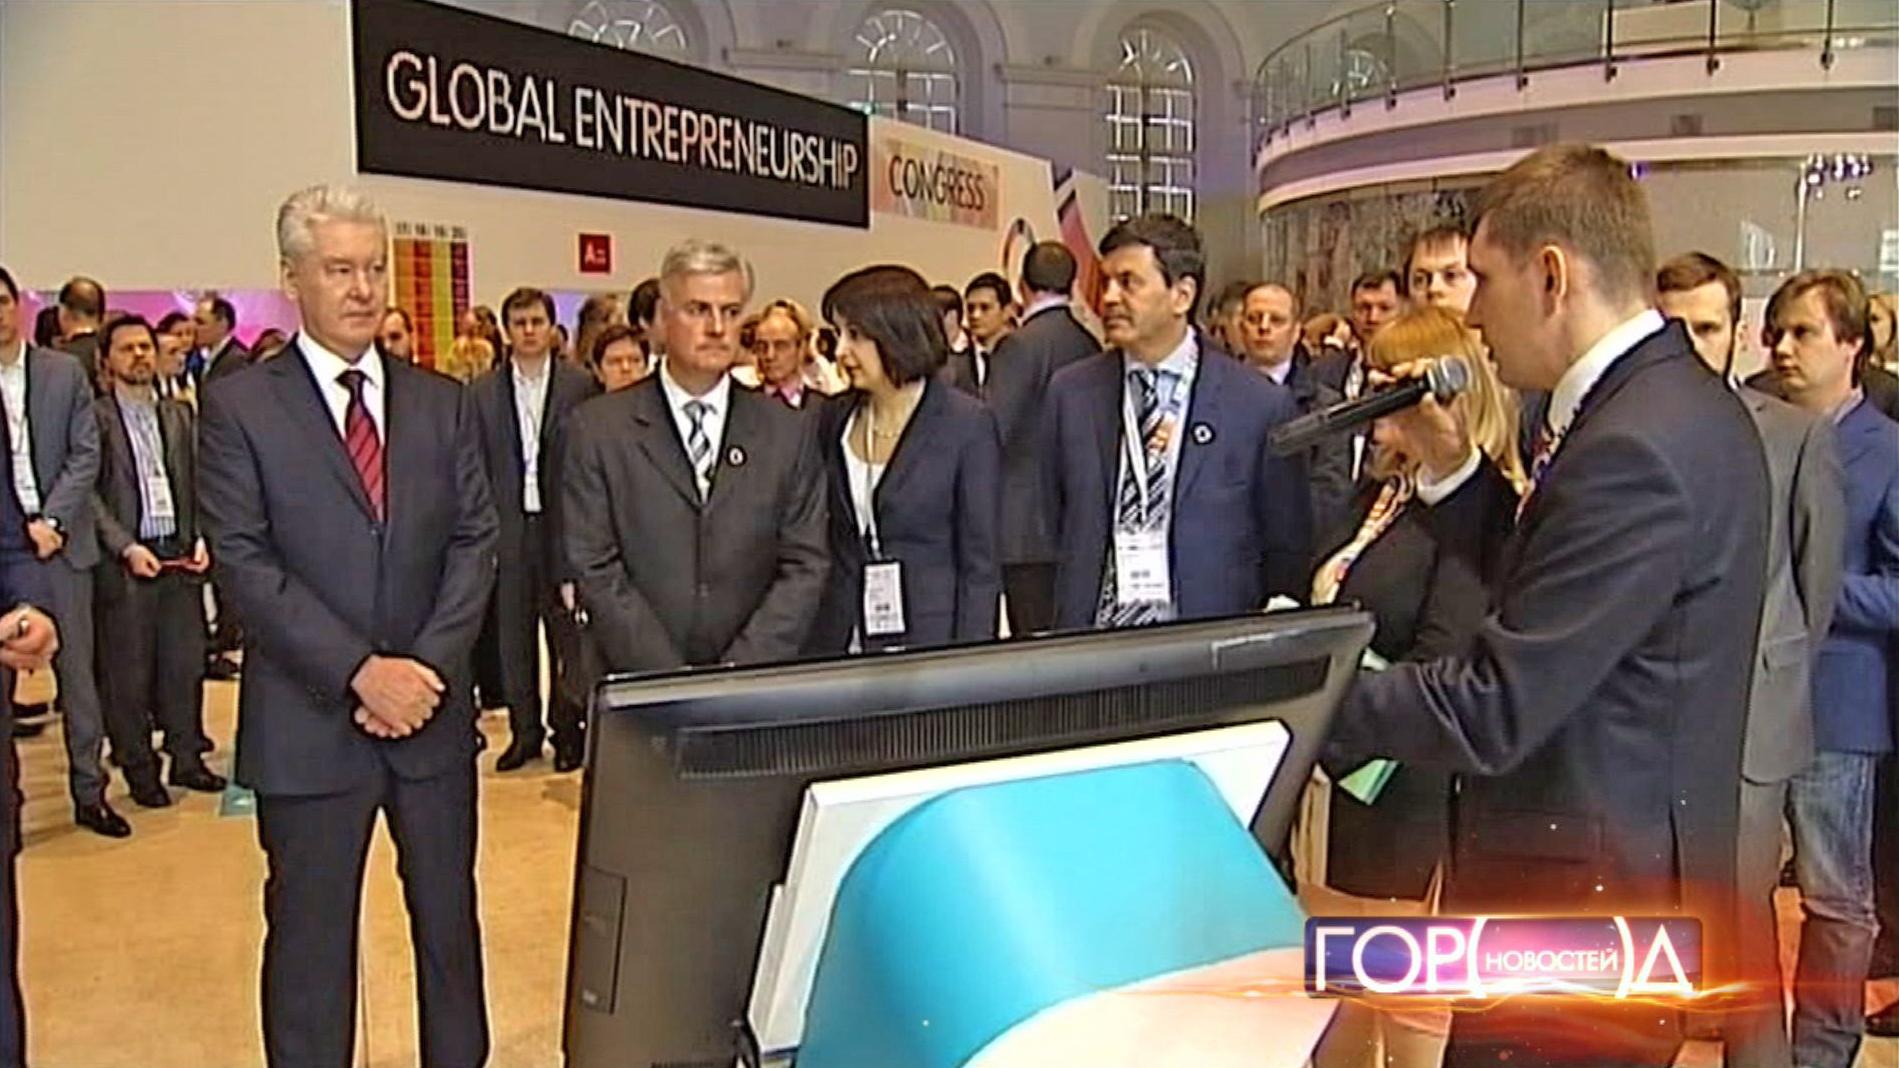 Сергей Собянин на открытии Всемирного конгресса предпринимателей